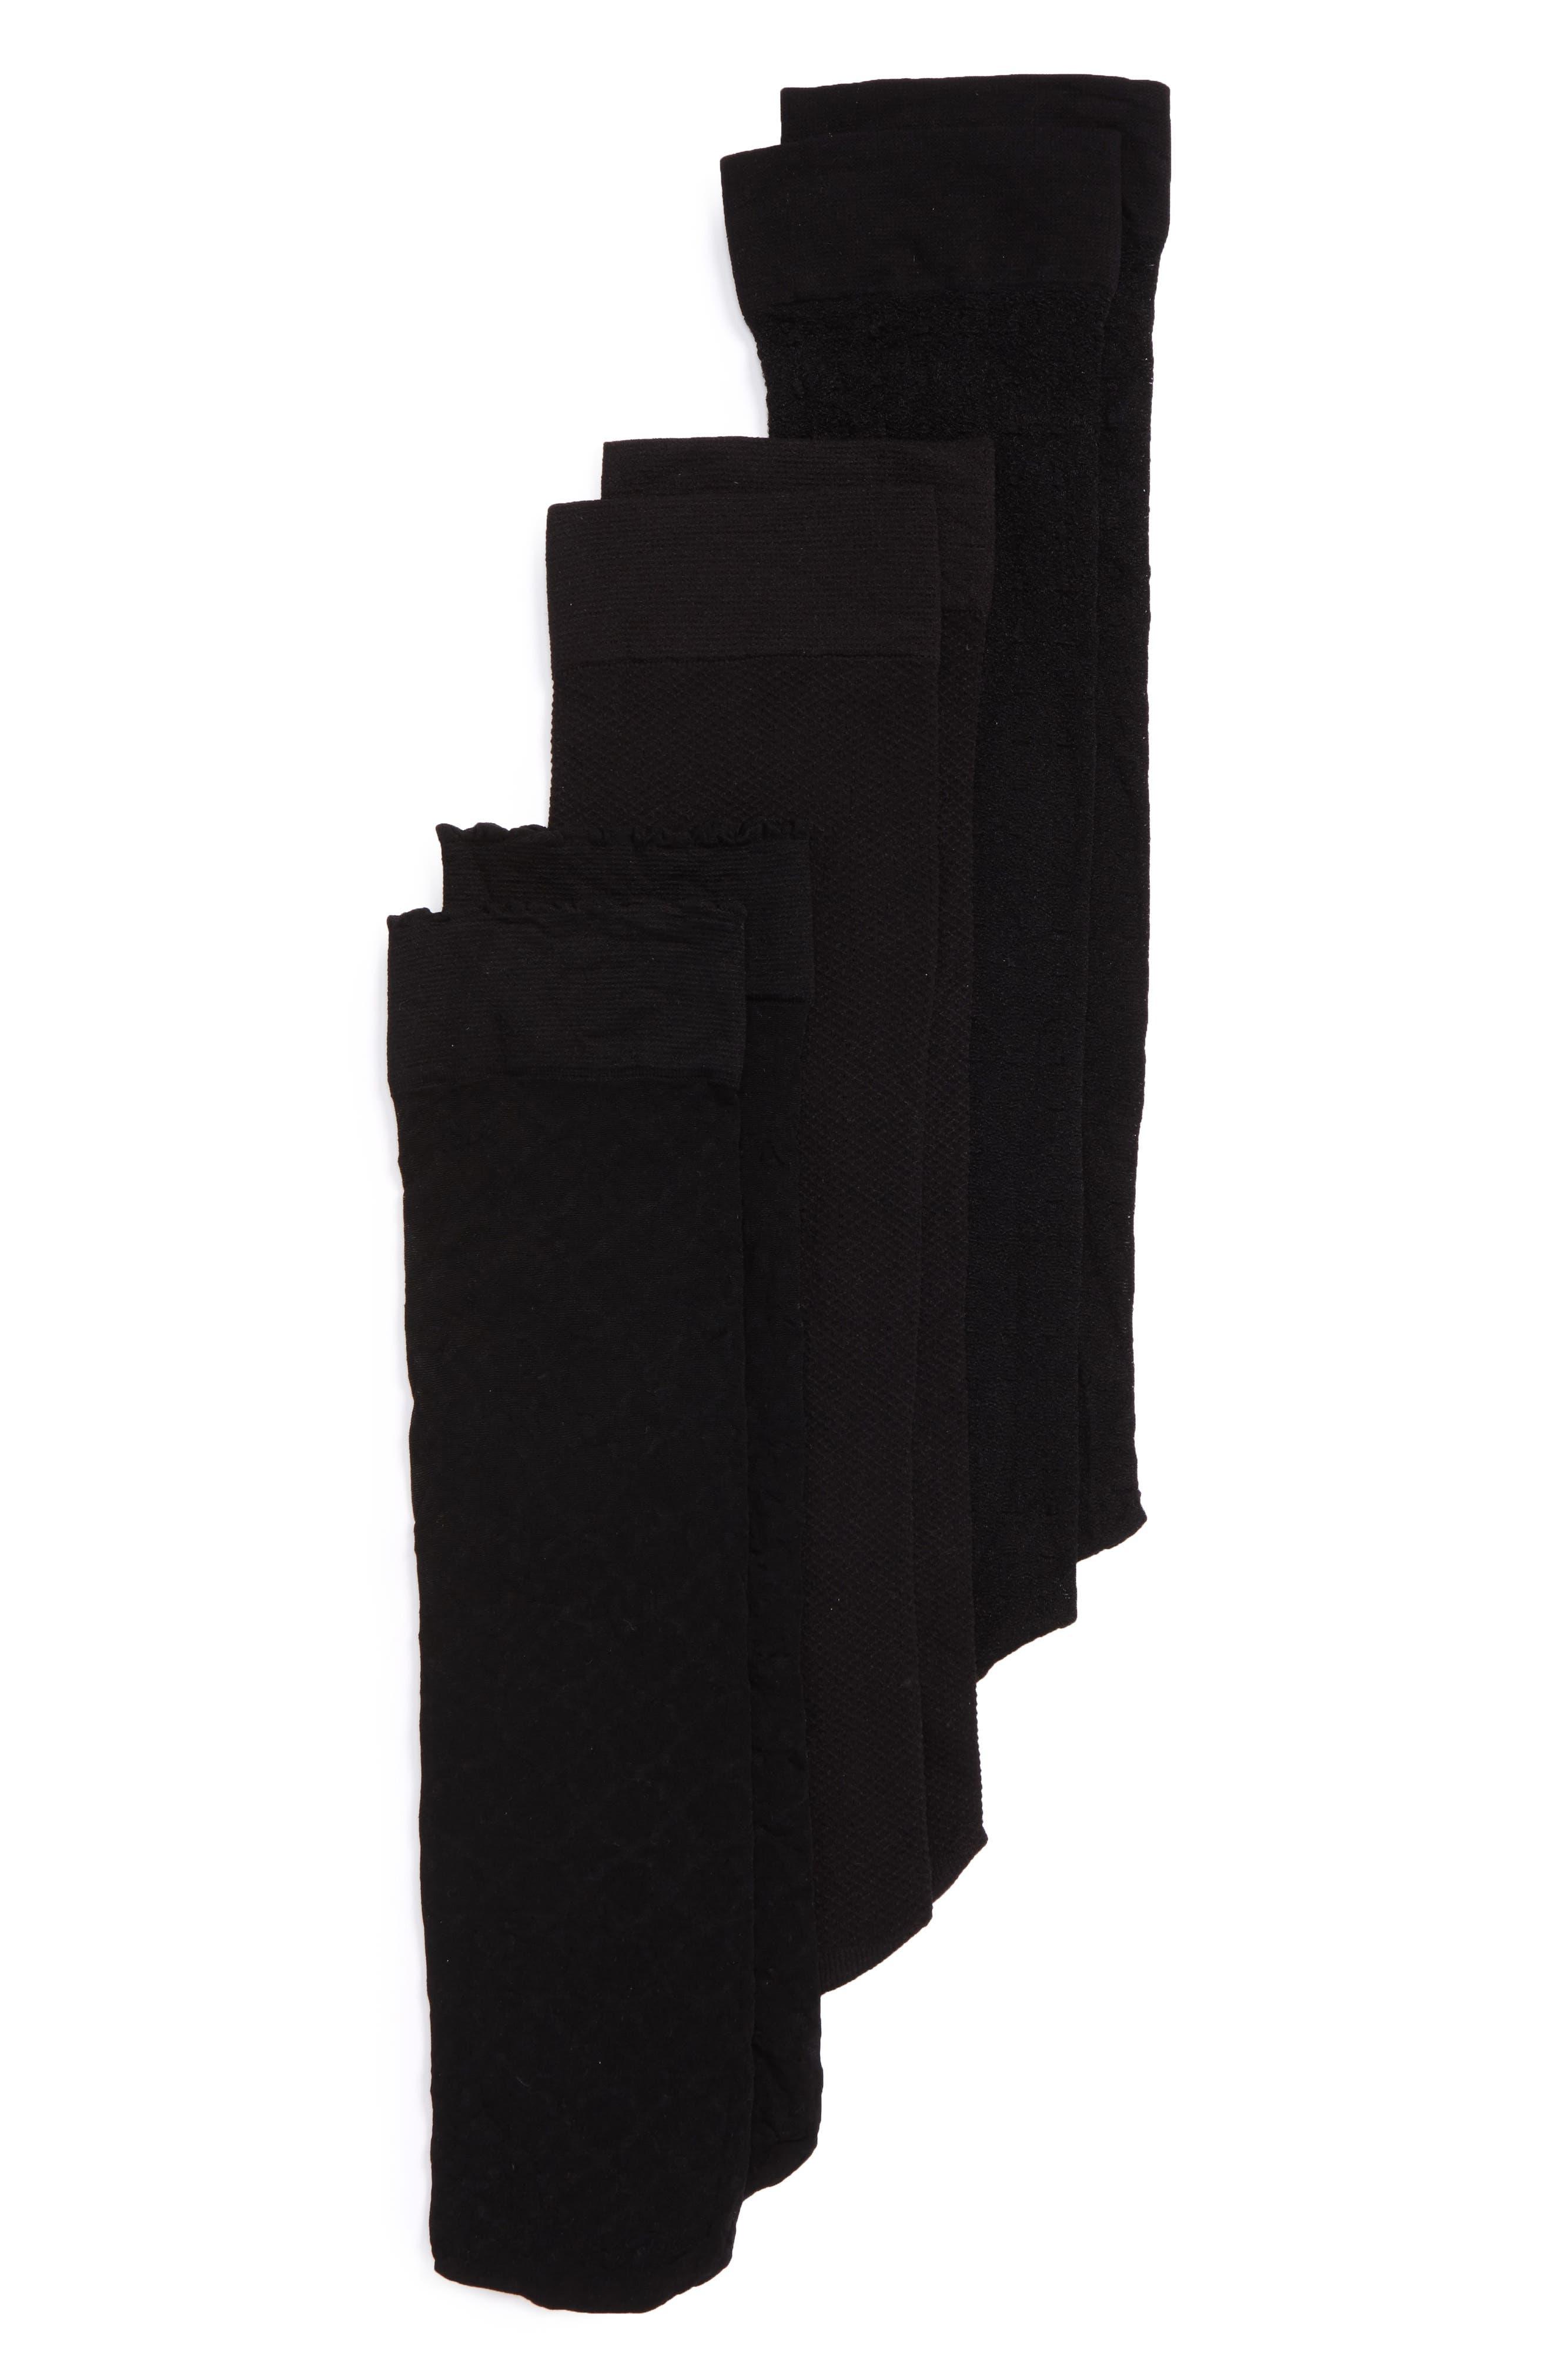 Pattern Trouser Socks,                             Main thumbnail 7, color,